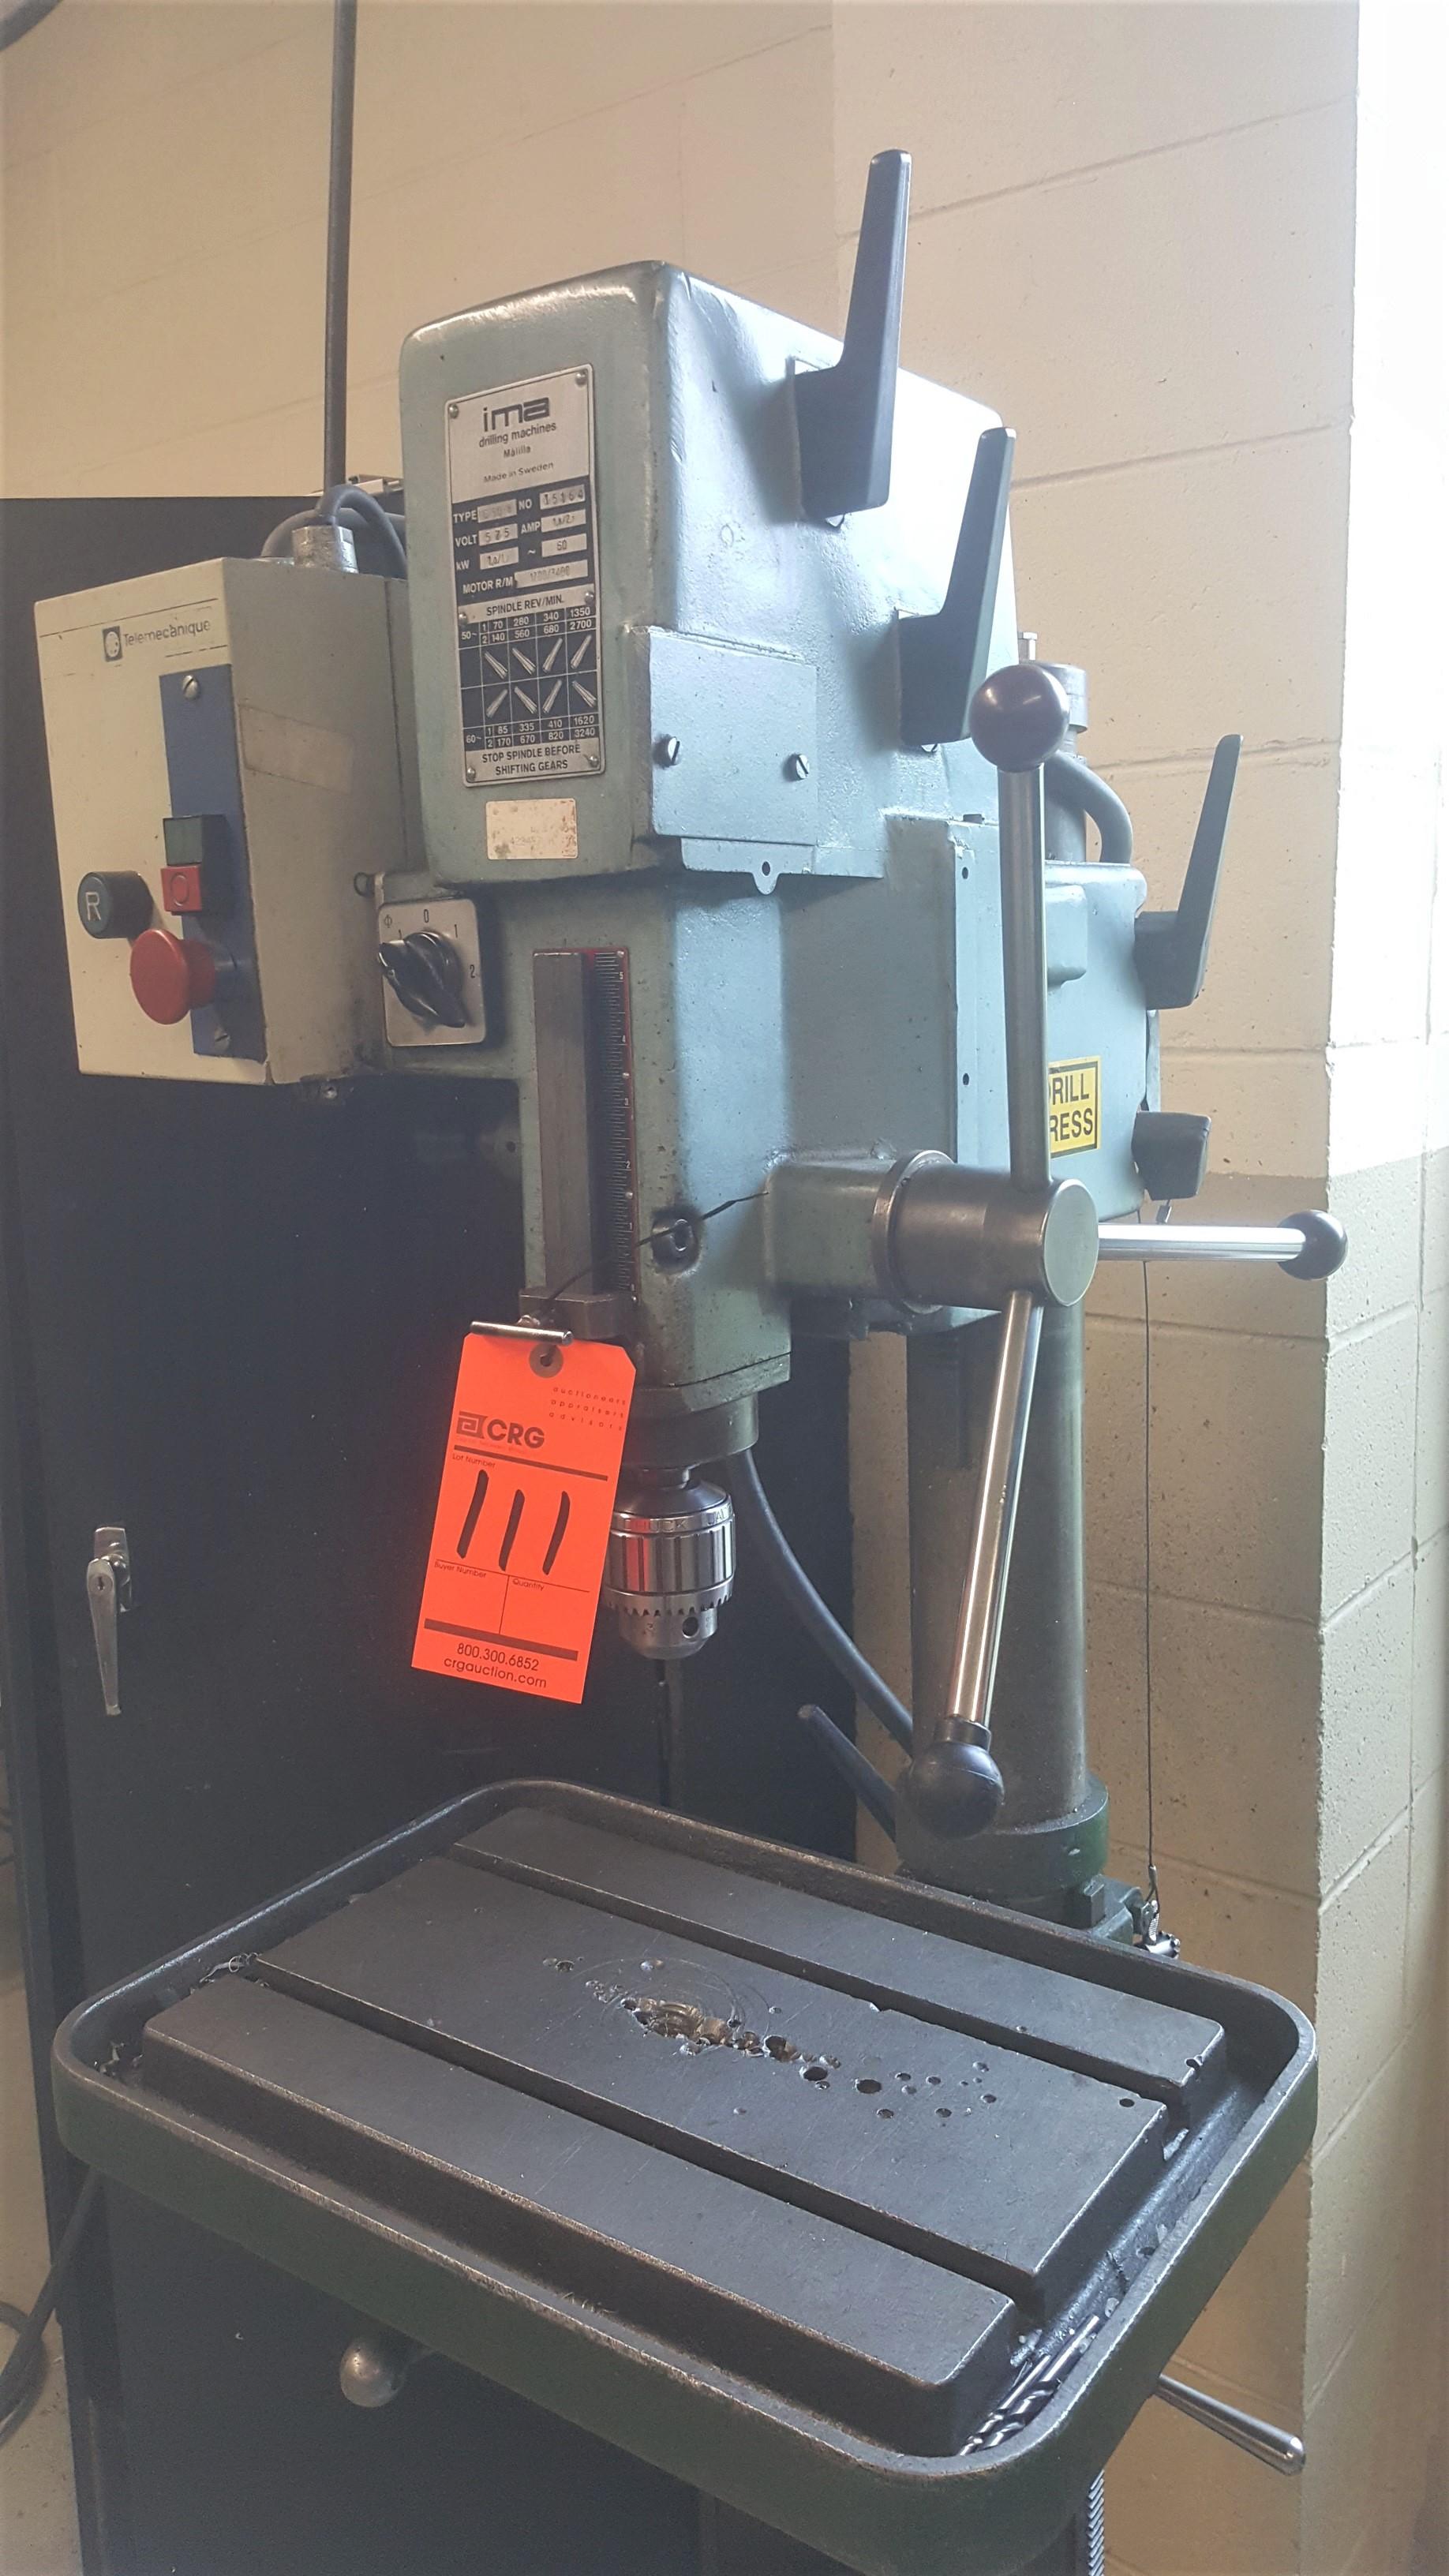 Lot 111 - IMA Press Drill mod.IG-3Q-8